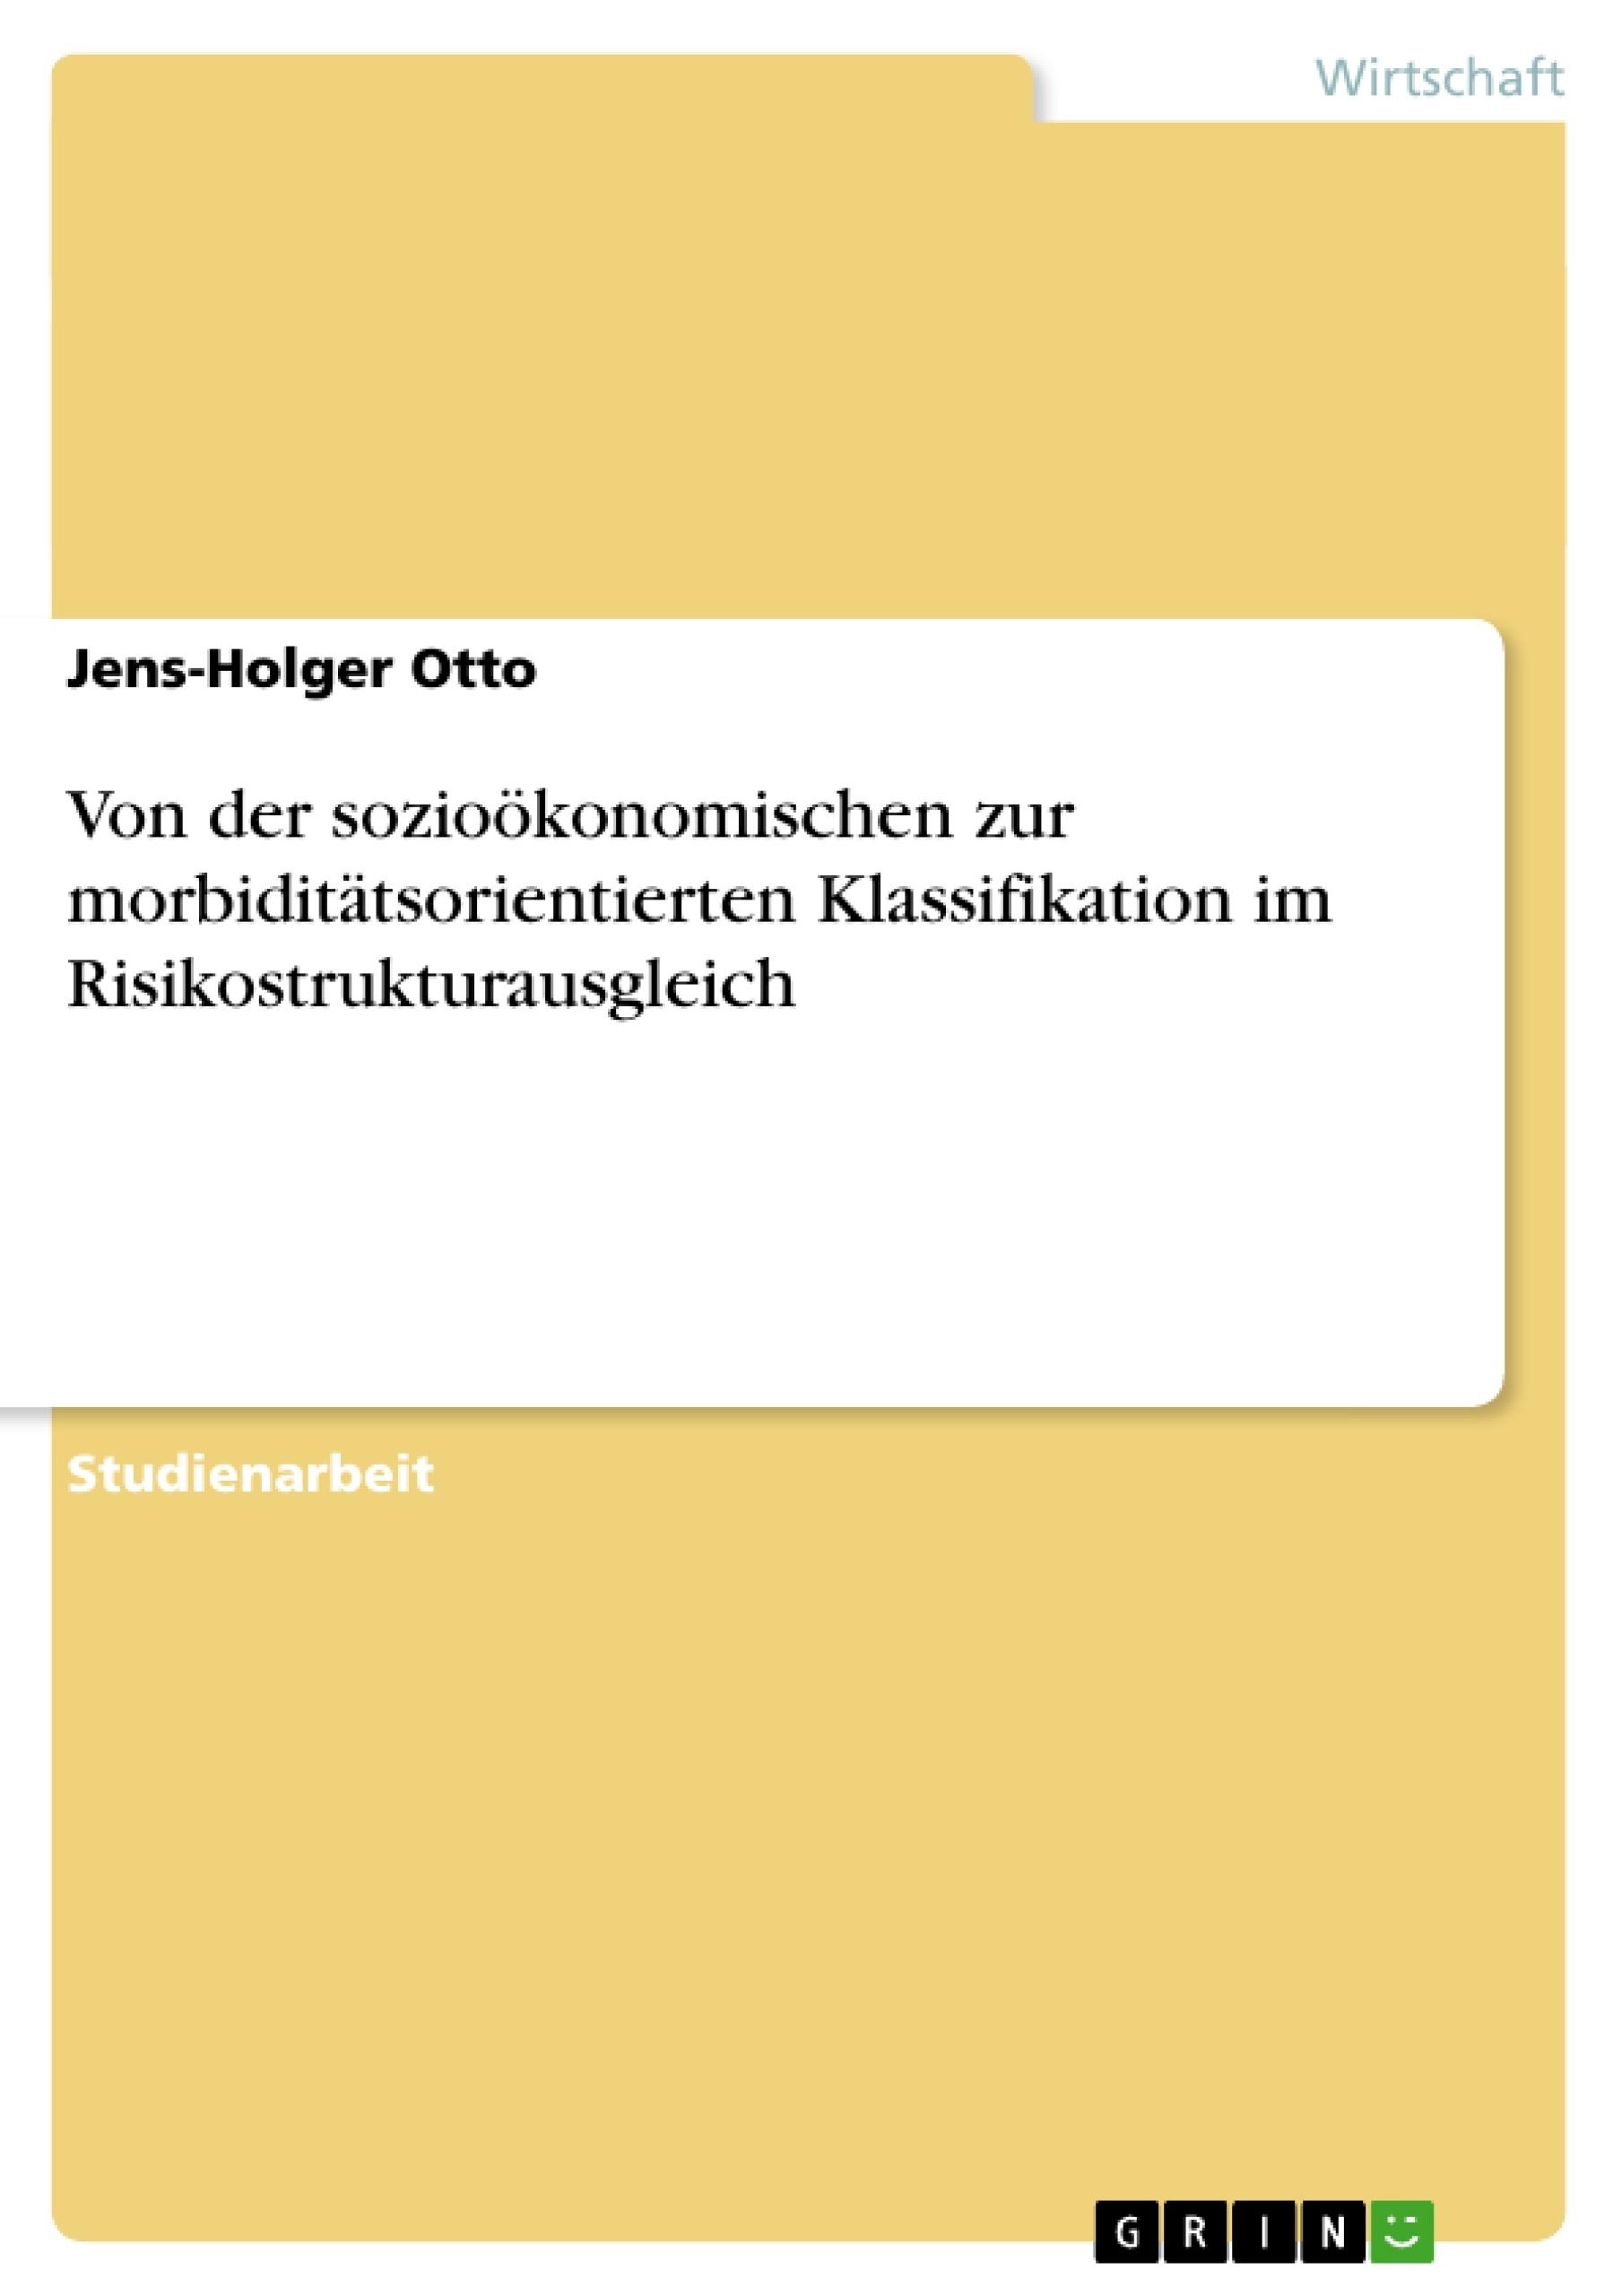 Titel: Von der sozioökonomischen zur morbiditätsorientierten Klassifikation im Risikostrukturausgleich